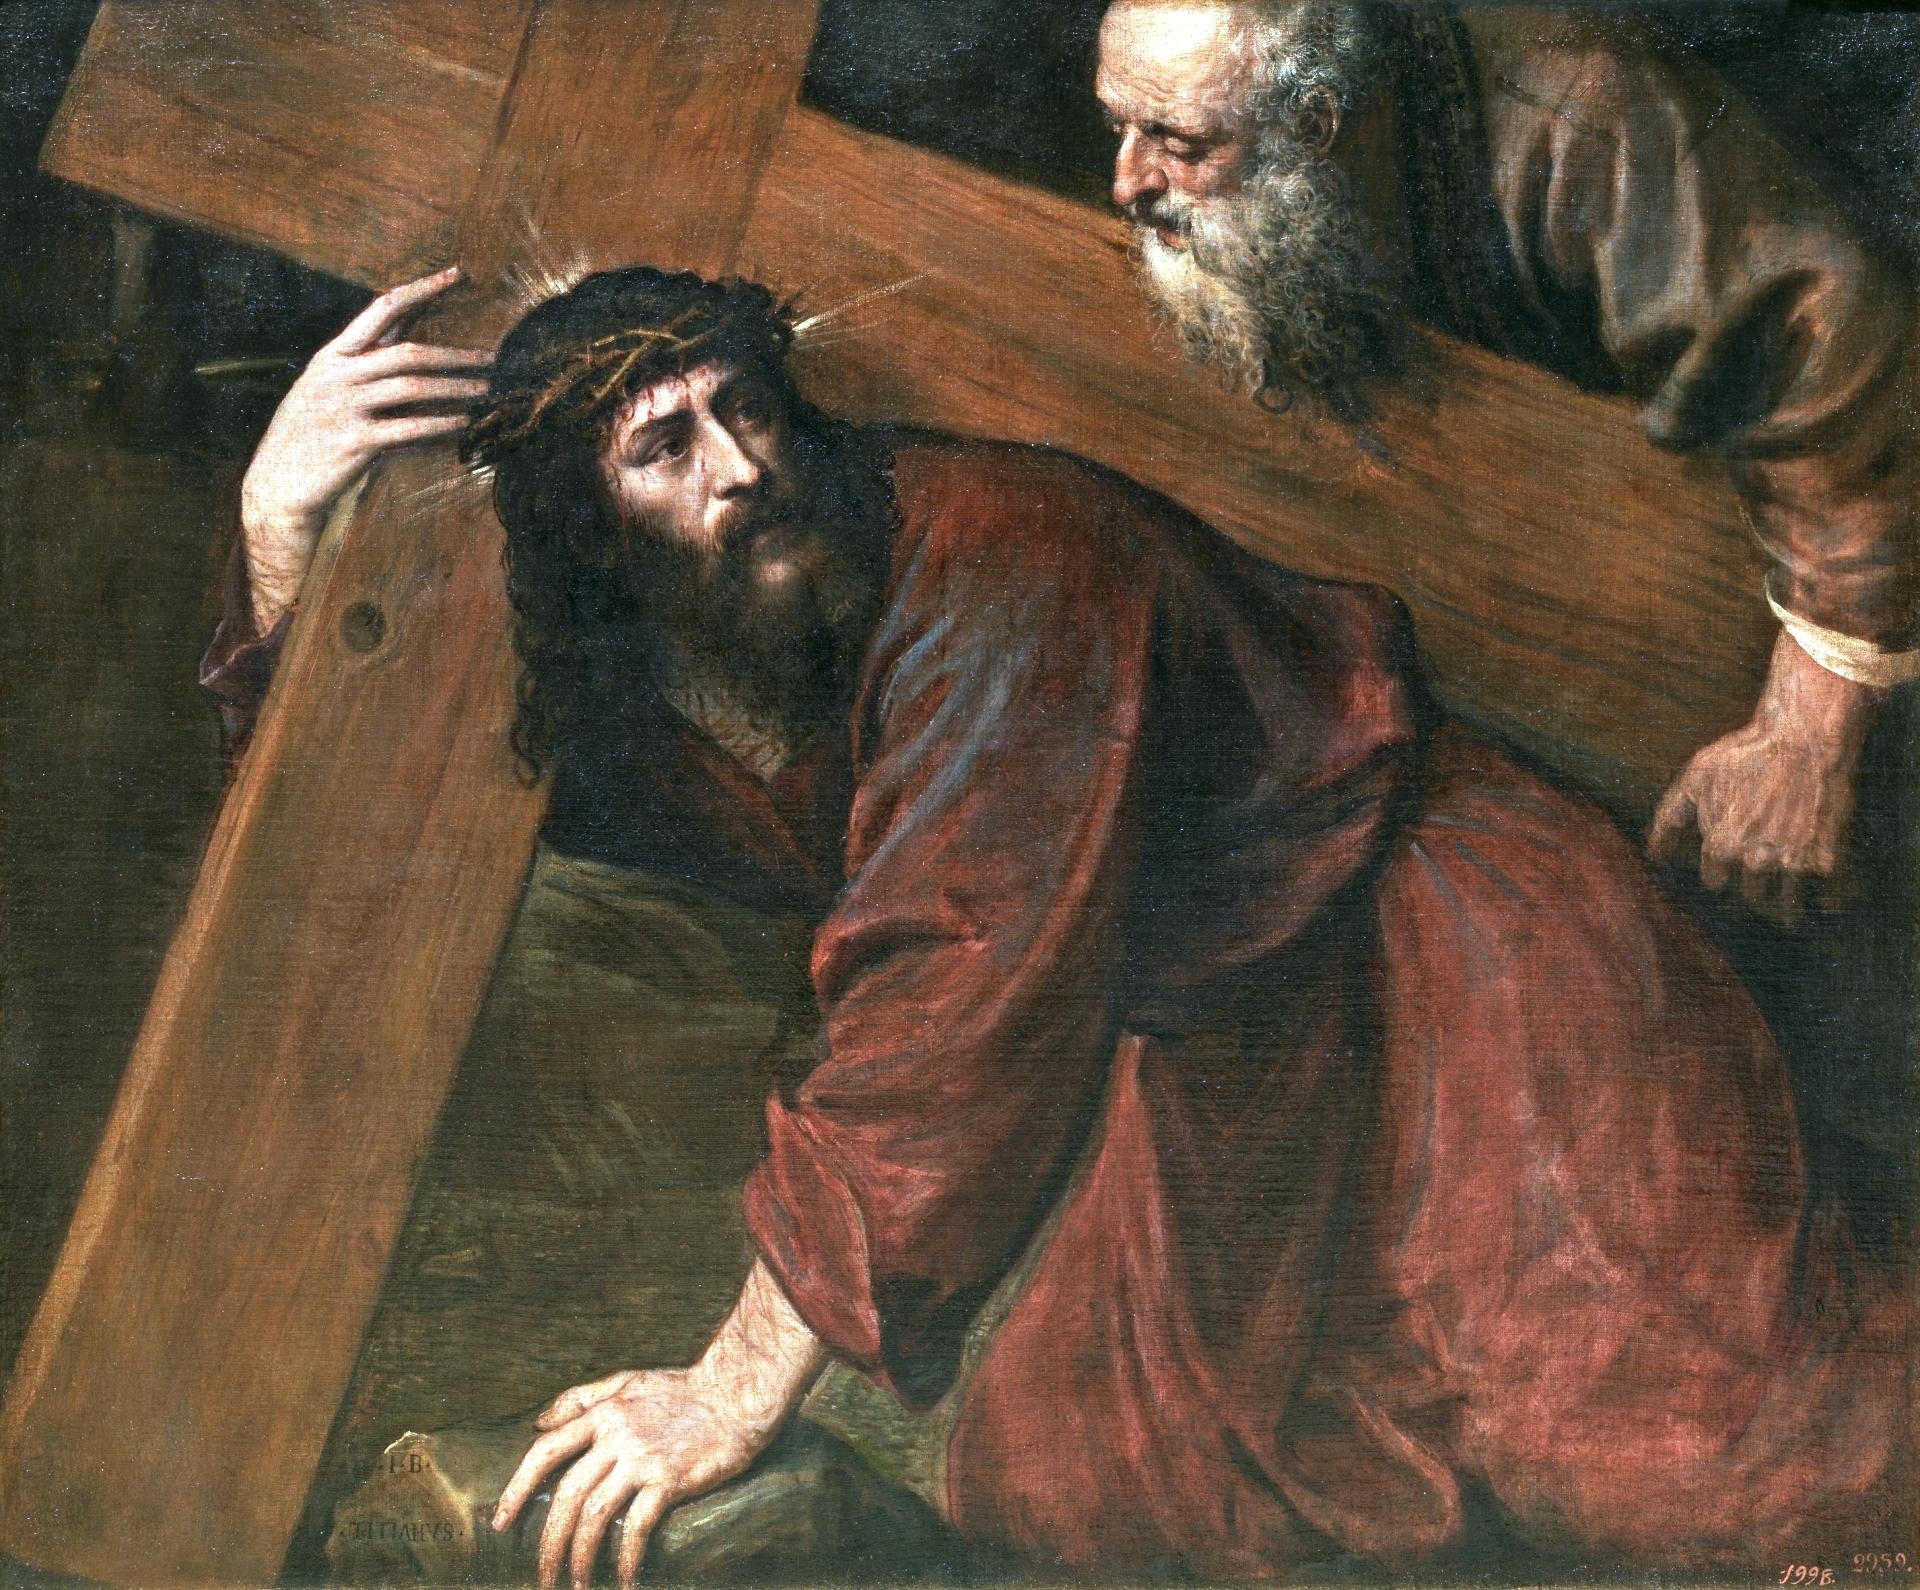 La Impresionante Túnica de Jesús que iba Creciendo con Él [la túnica inconsútil tejida por Su Madre]